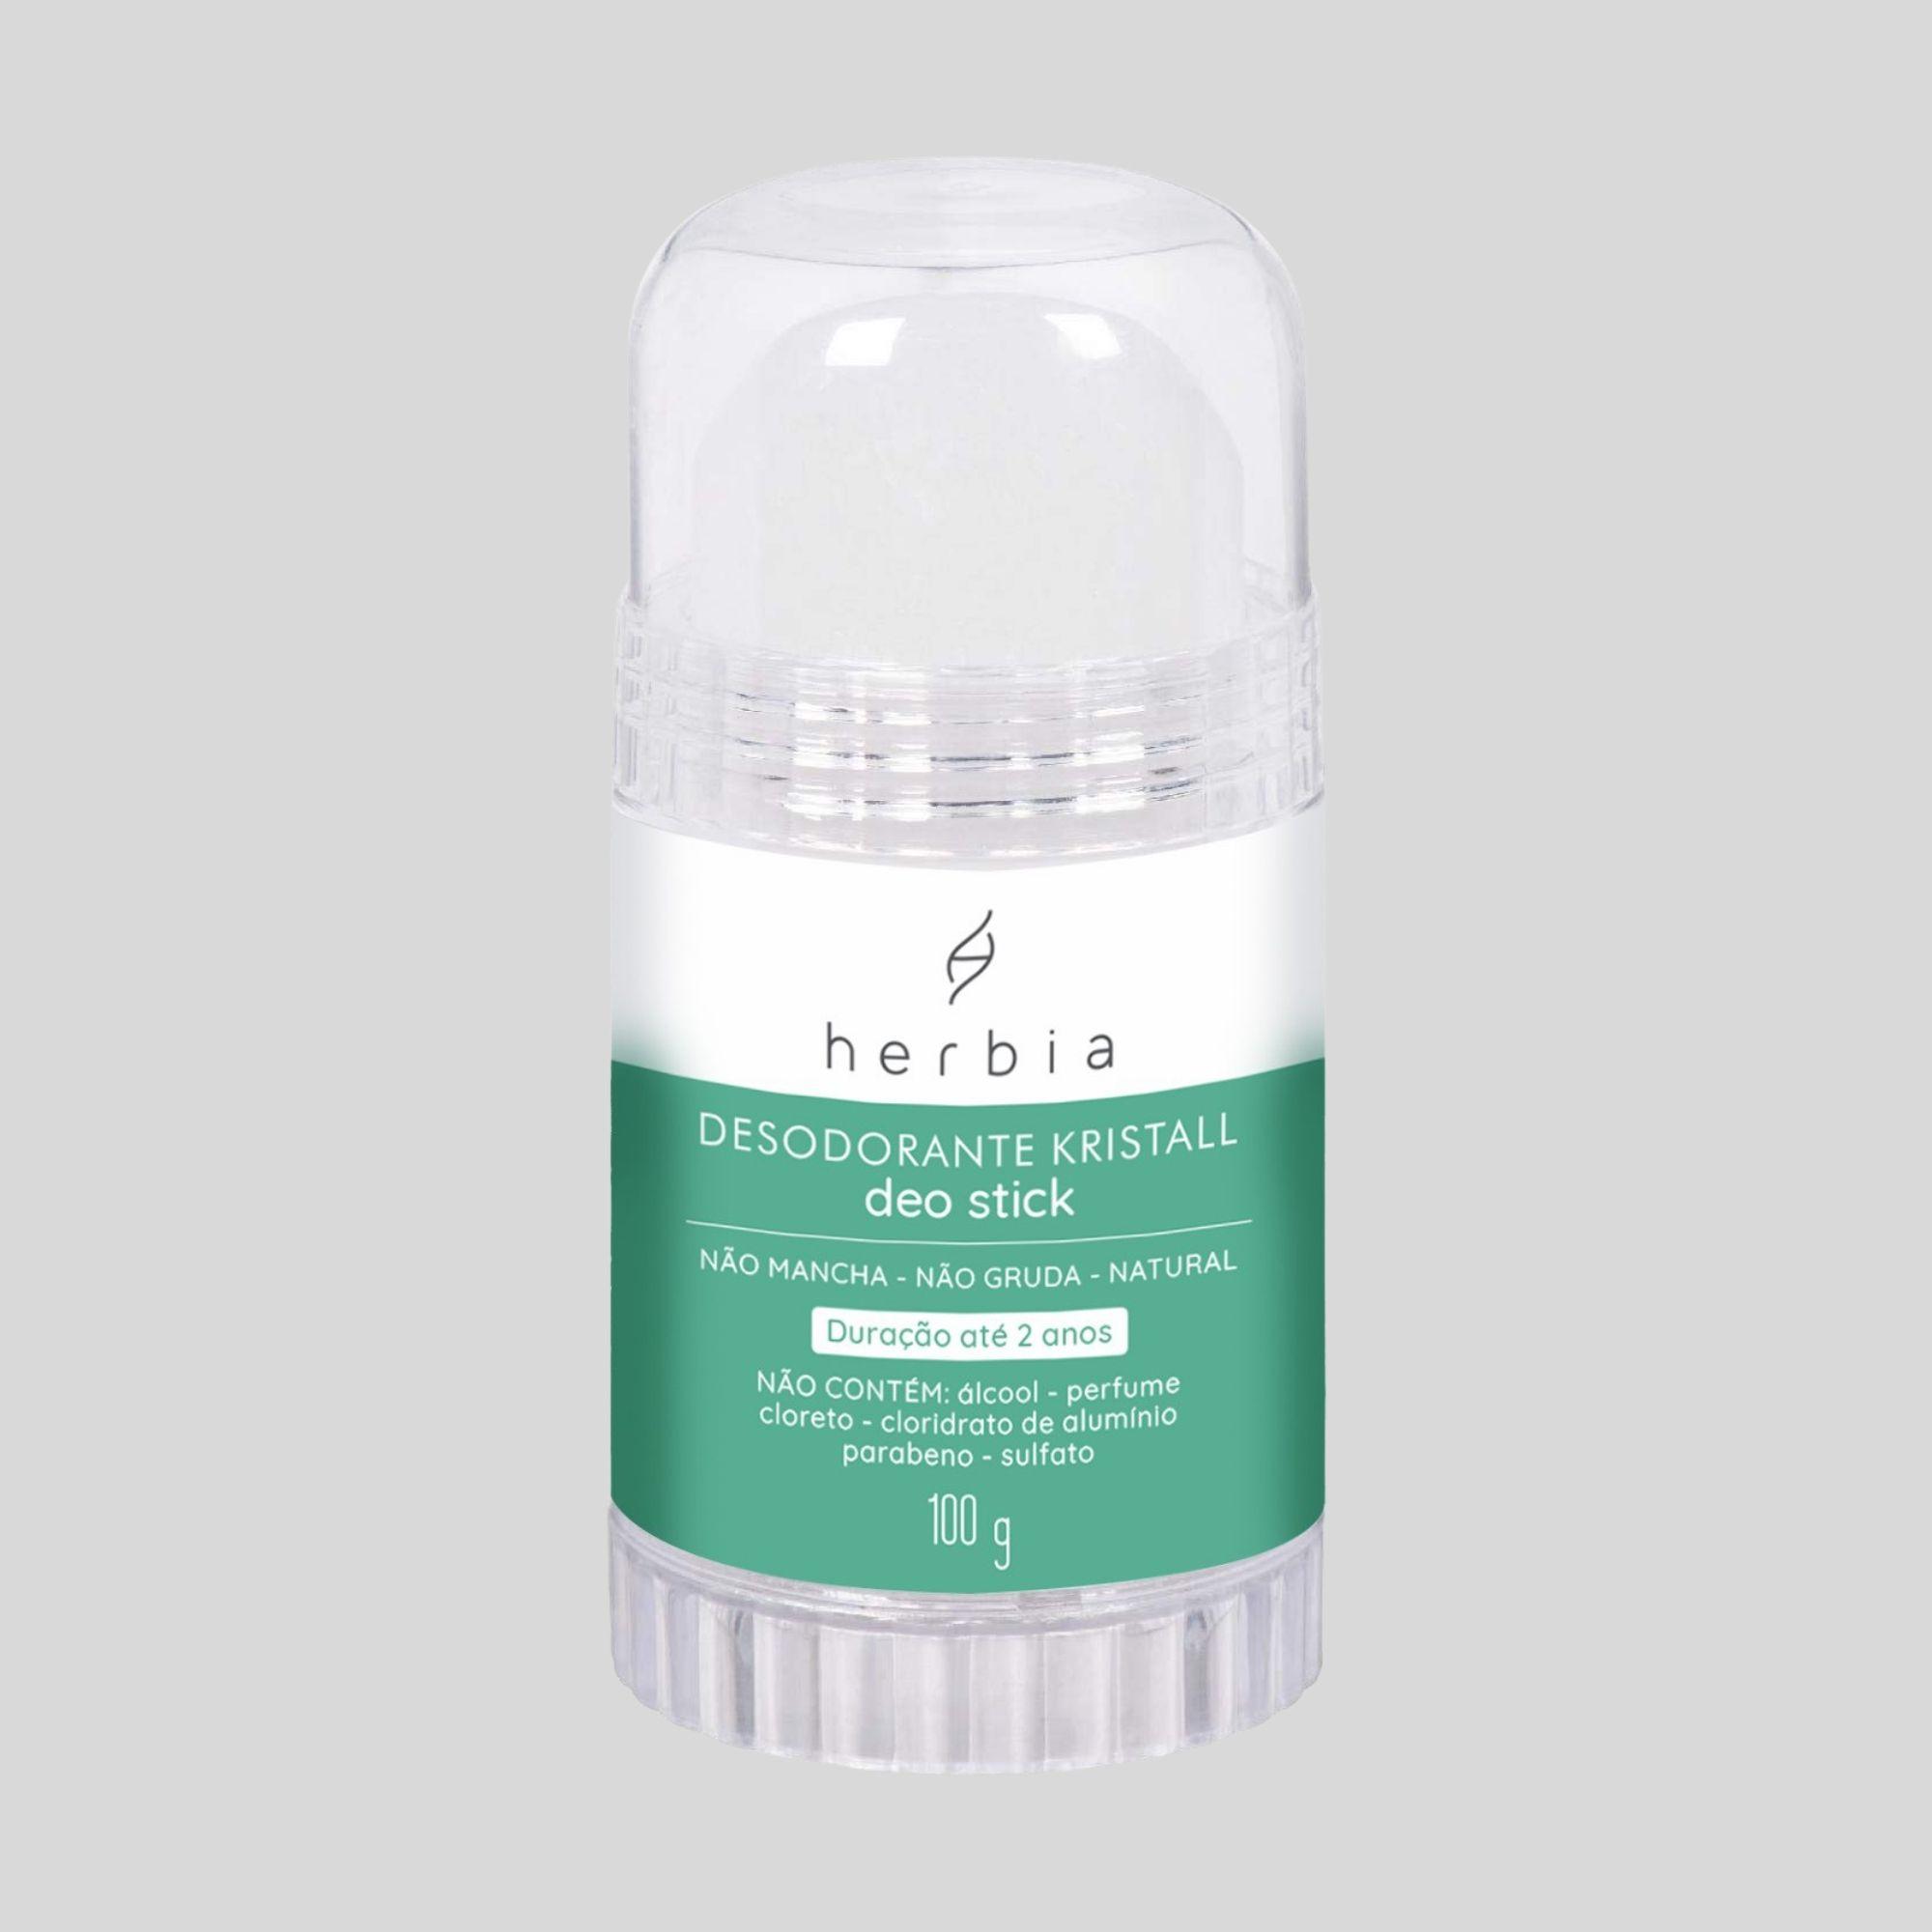 Desodorante Kristall Deo Stick Natural e Vegano Herbia 100g